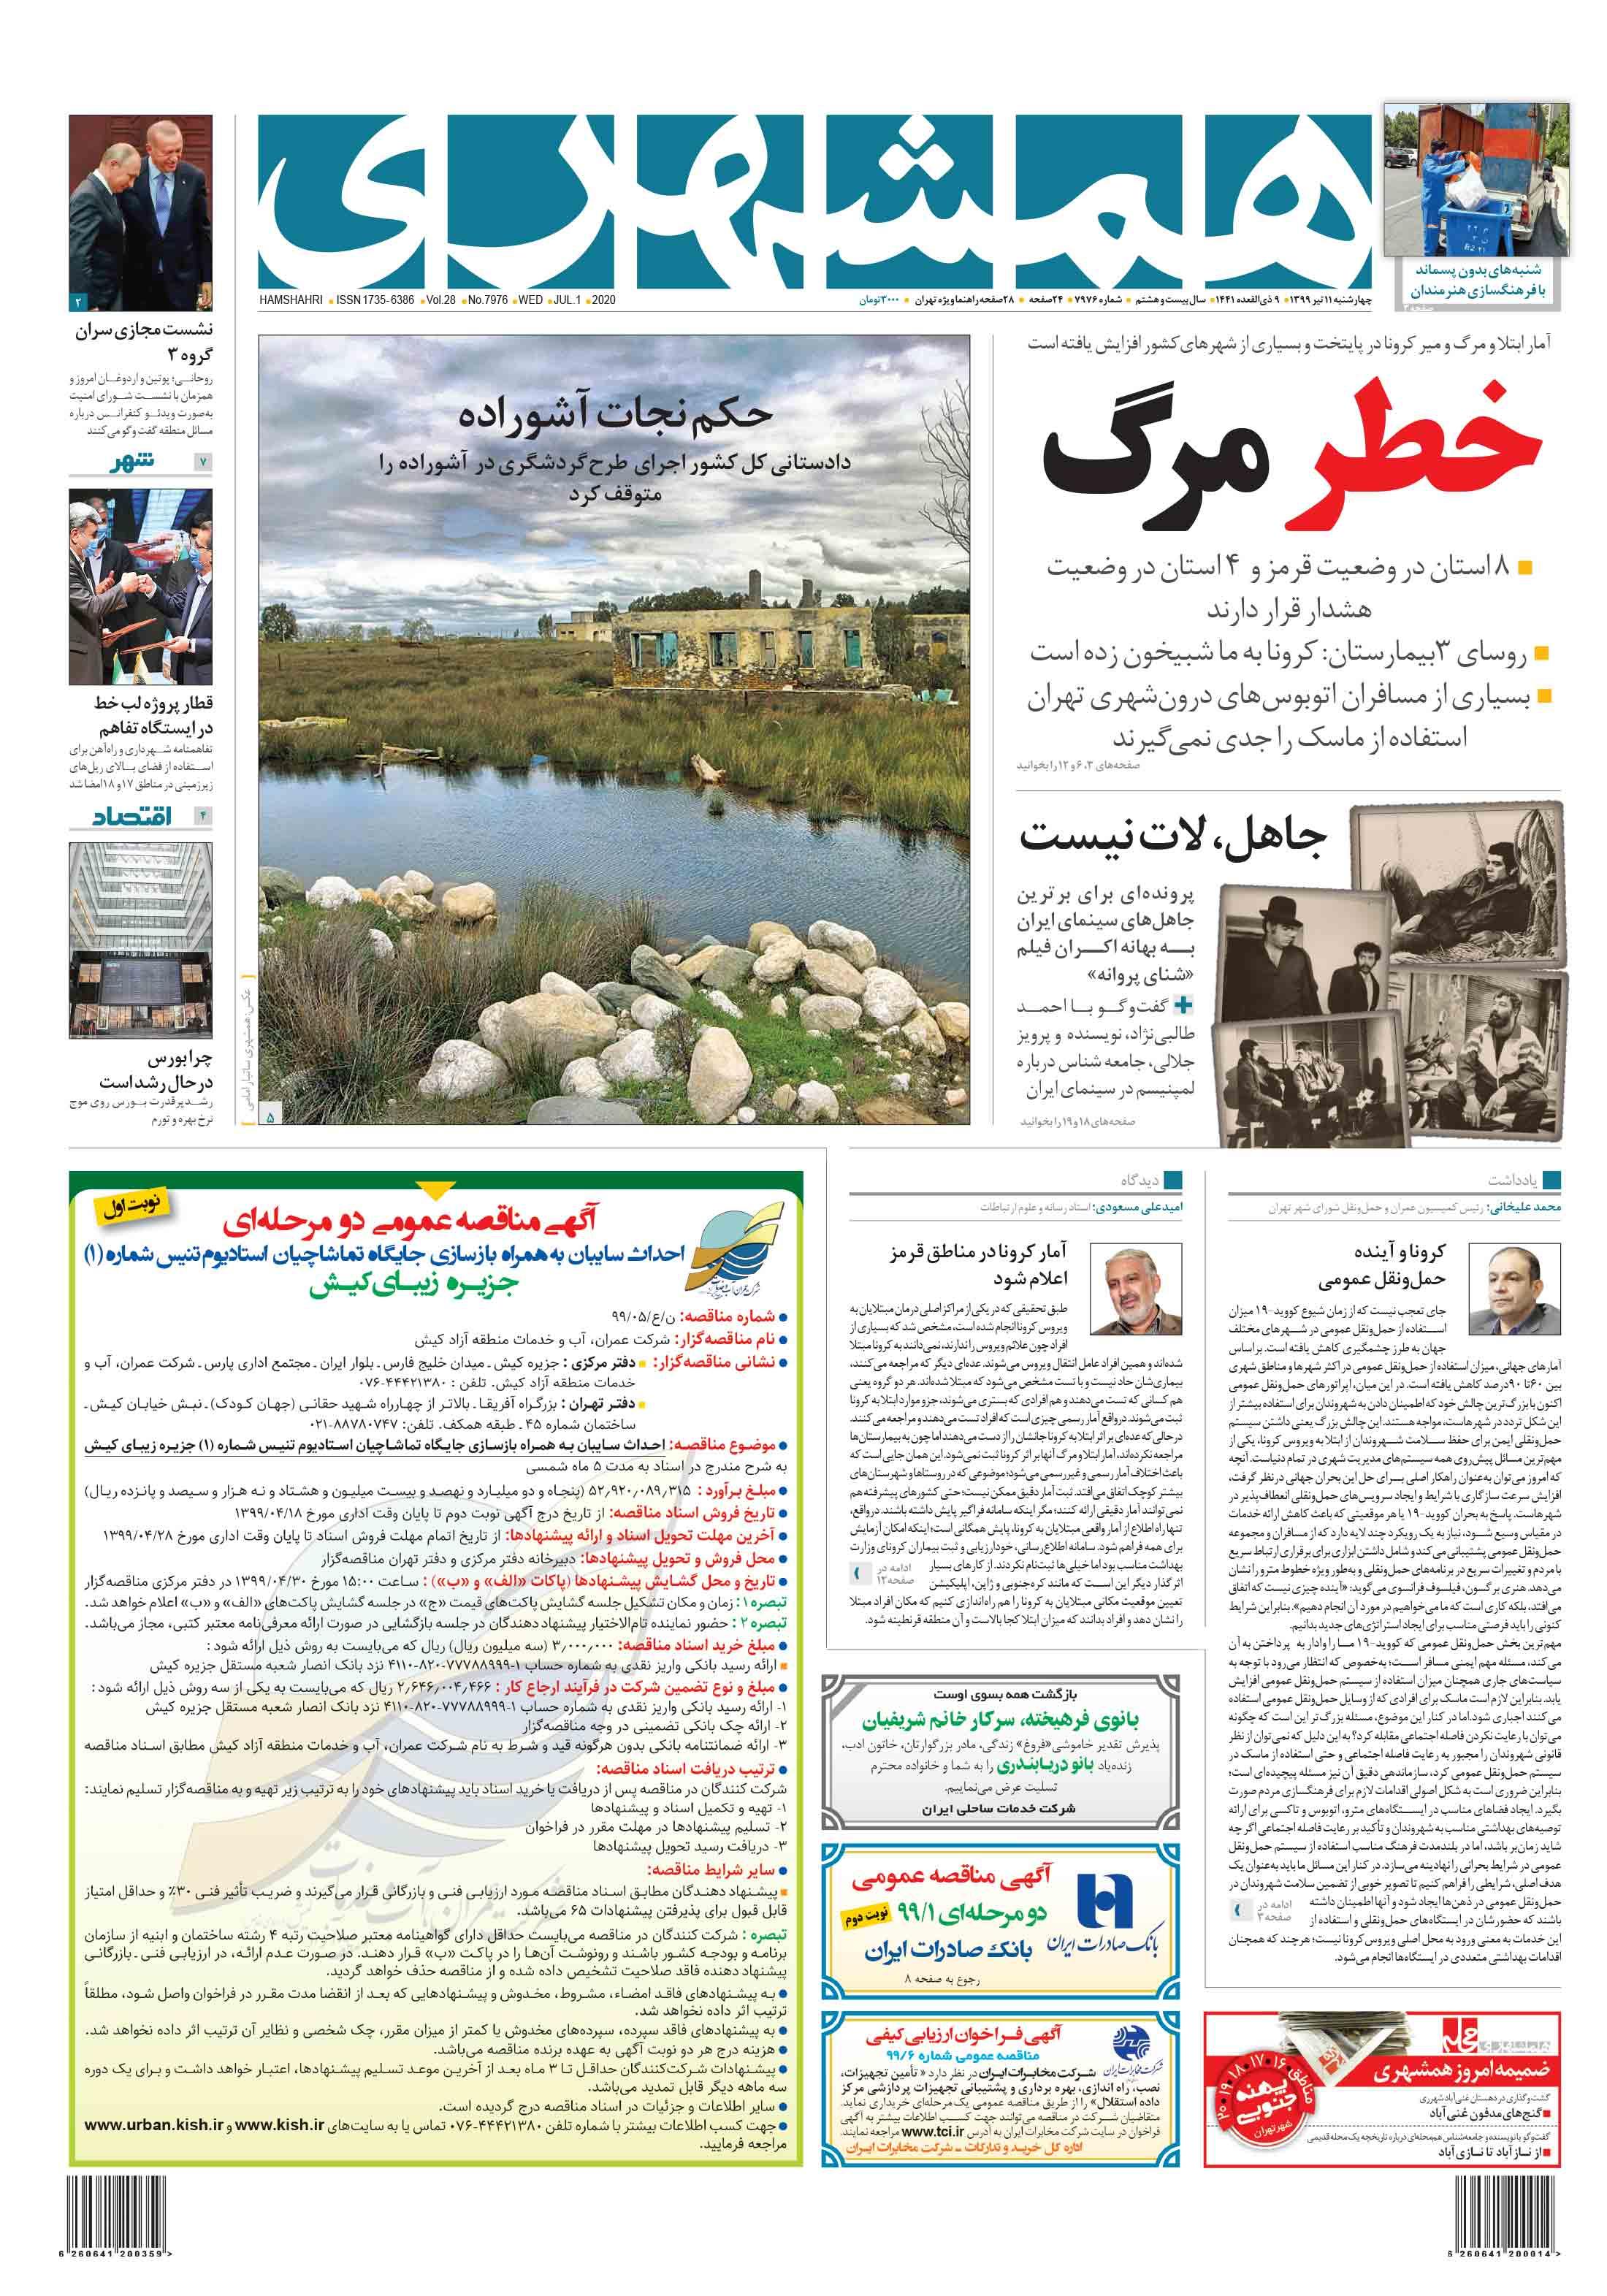 صفحه اول چهارشنبه 11 تیر 1399